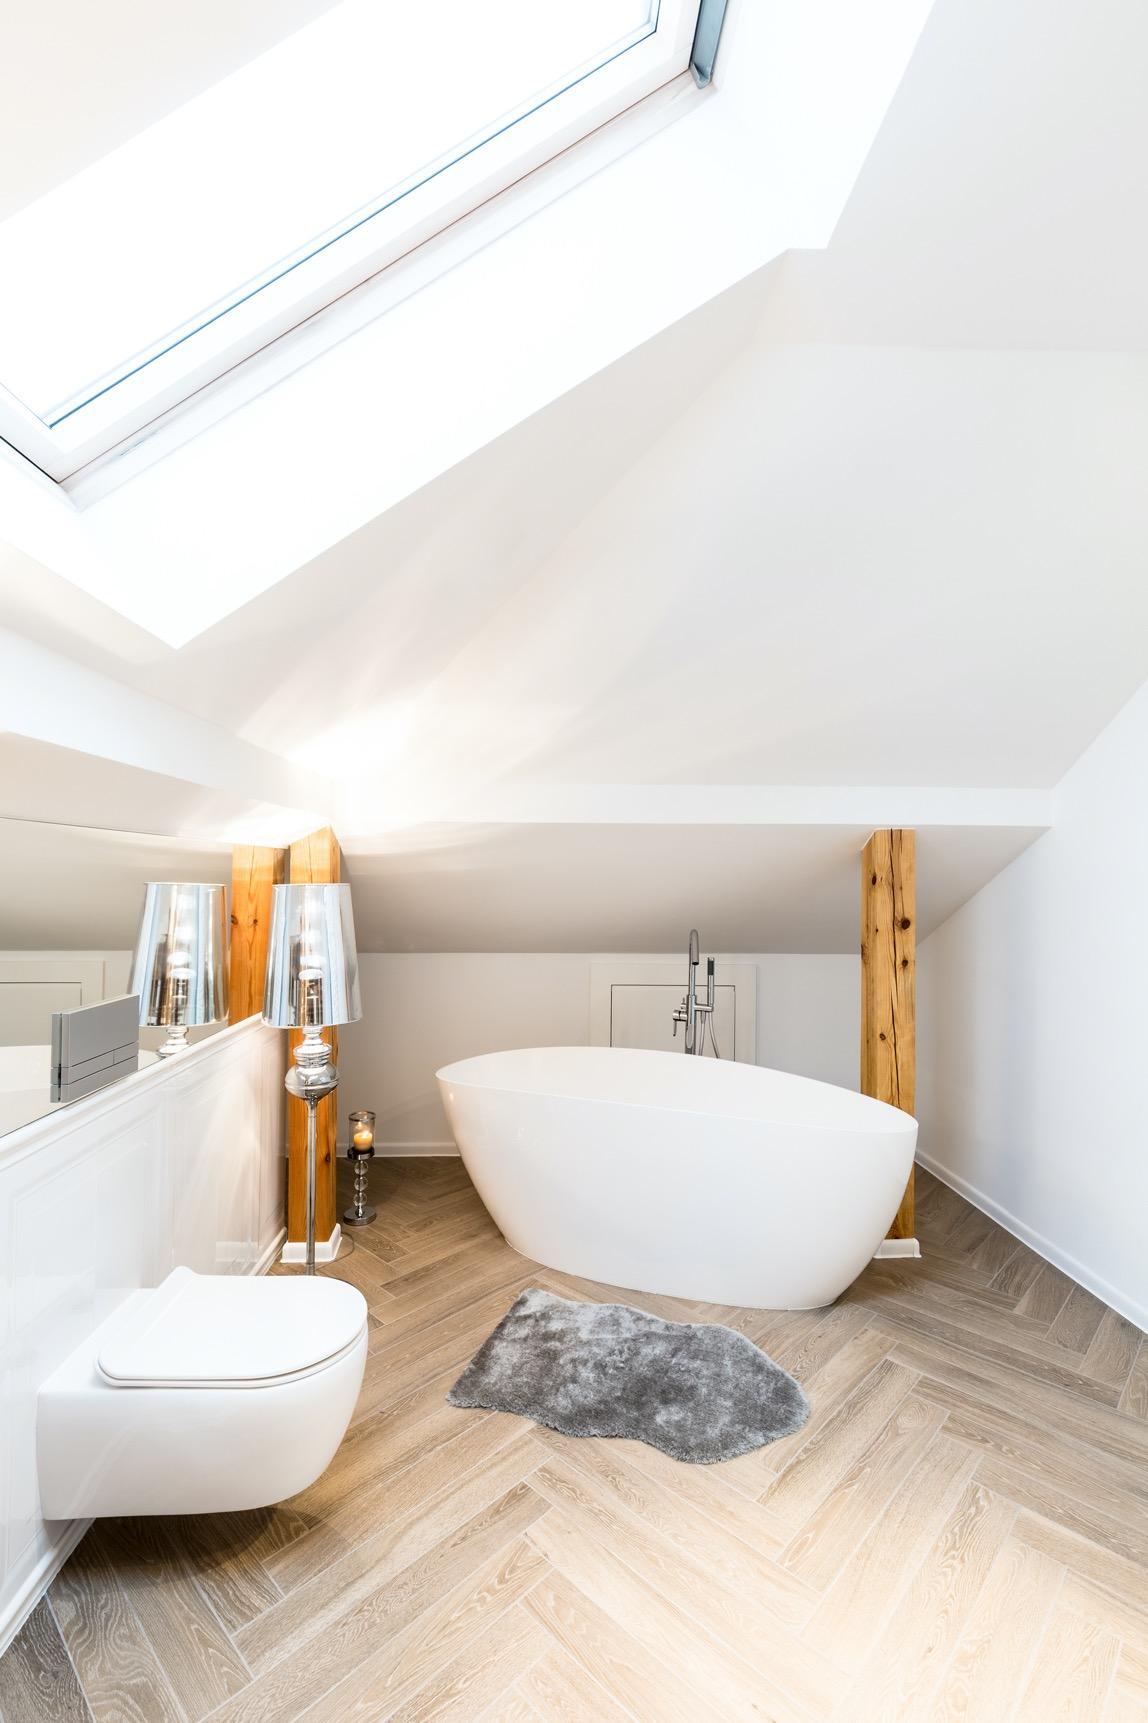 Plomberie / Sanitaire / Rénovation salle de bain complète